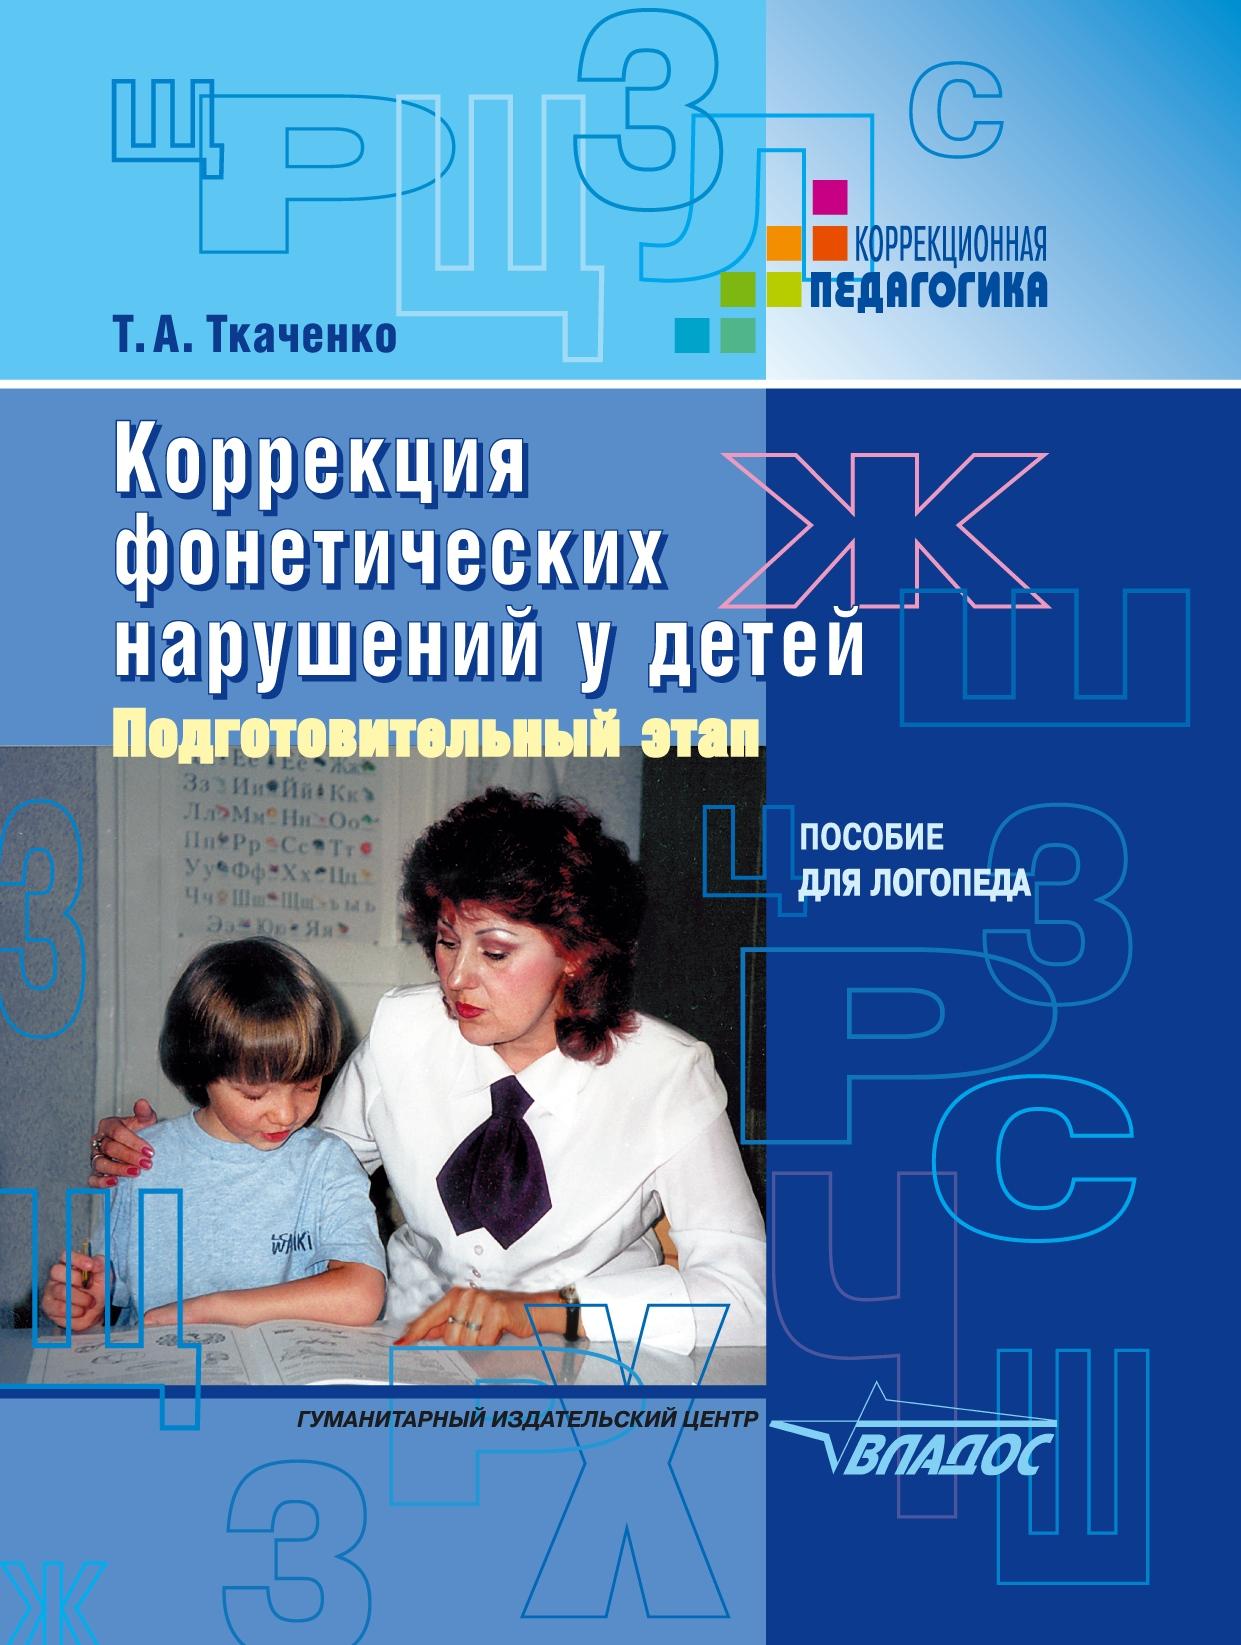 Т. А. Ткаченко Коррекция фонетических нарушений у детей. Подготовительный этап. Пособие для логопеда